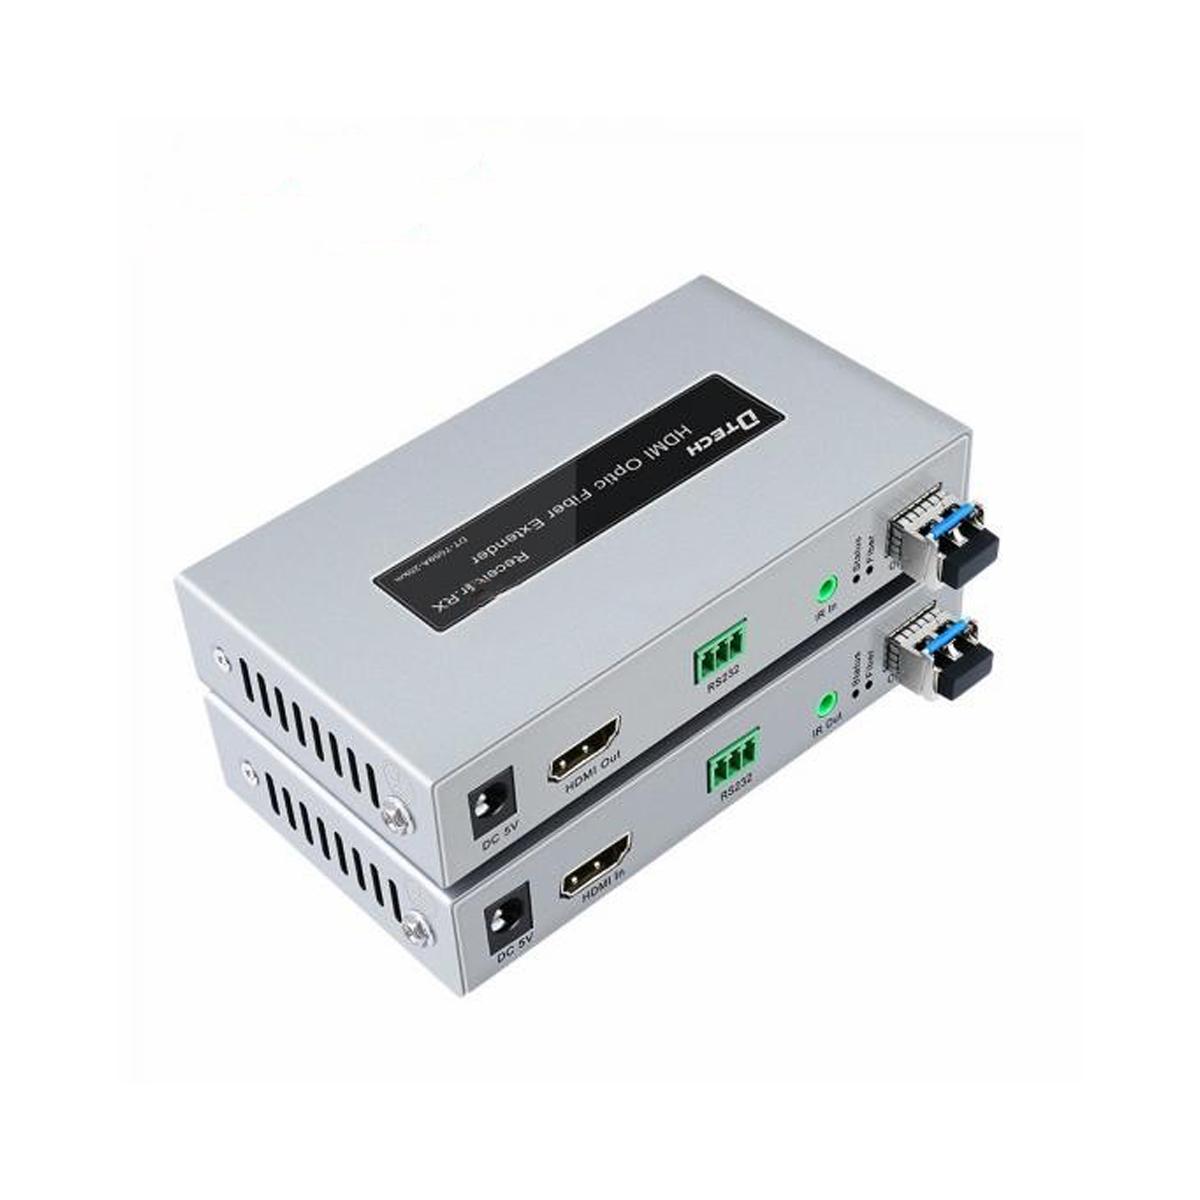 Bộ chuyển đổi kéo dài hdmi sang cáp quang DTECH DT-7059A (2 thiết bị,2 modul quang 1.5GB)- Hàng Chính Hãng